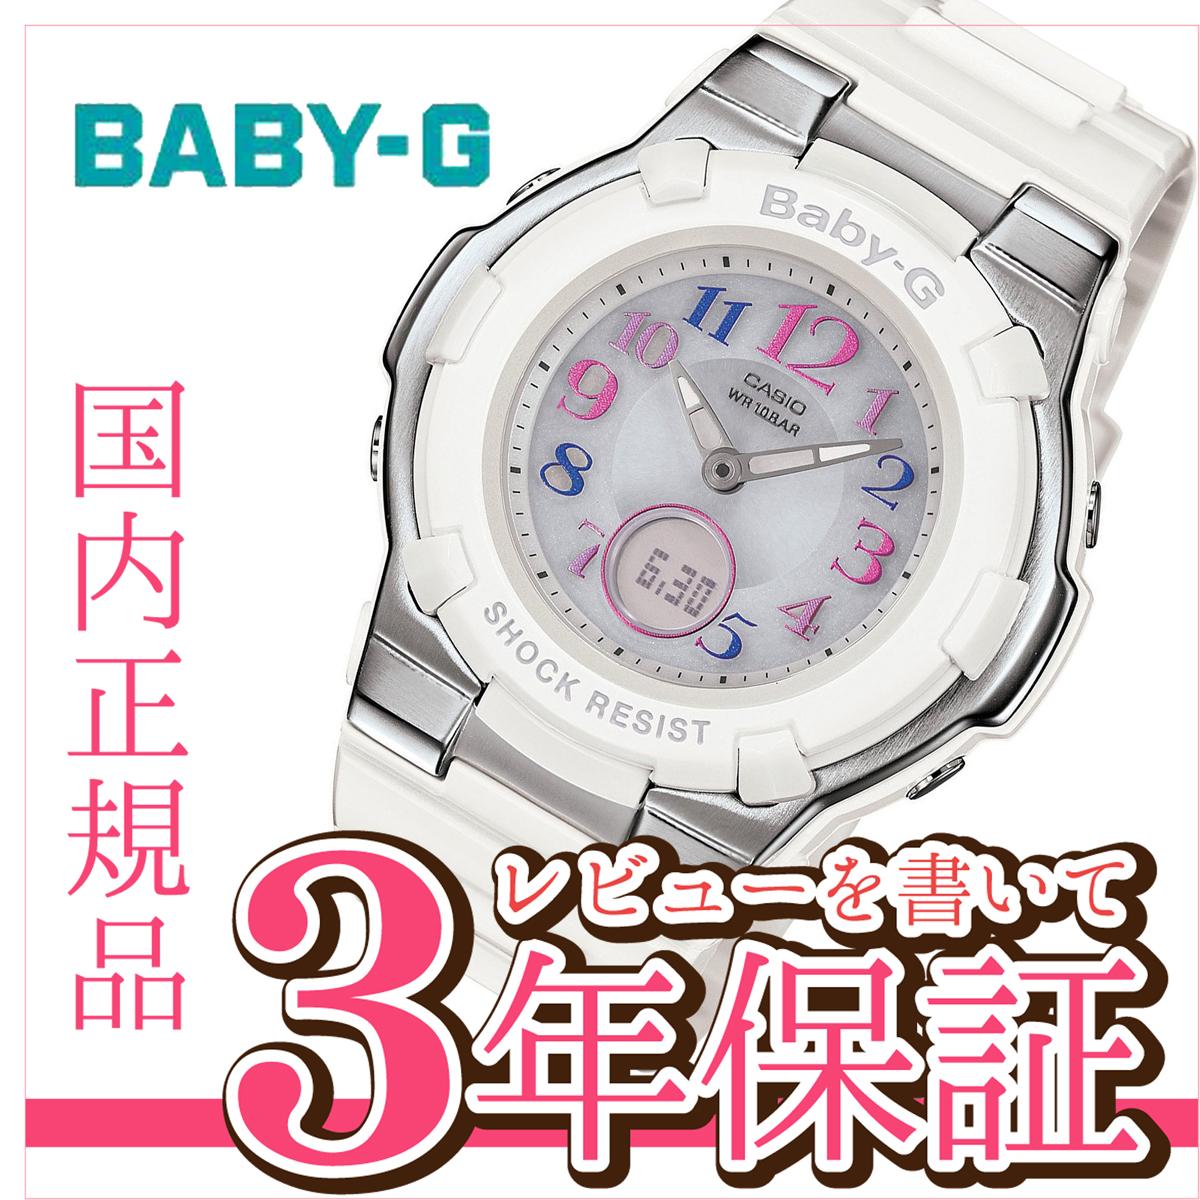 CASIO BABY-G カシオ ベビーG Tripper トリッパー 腕時計 レディース ホワイト アナデジ BGA-1100GR-7BJF【正規品】【1502】【5sp】【店頭受取対応商品】